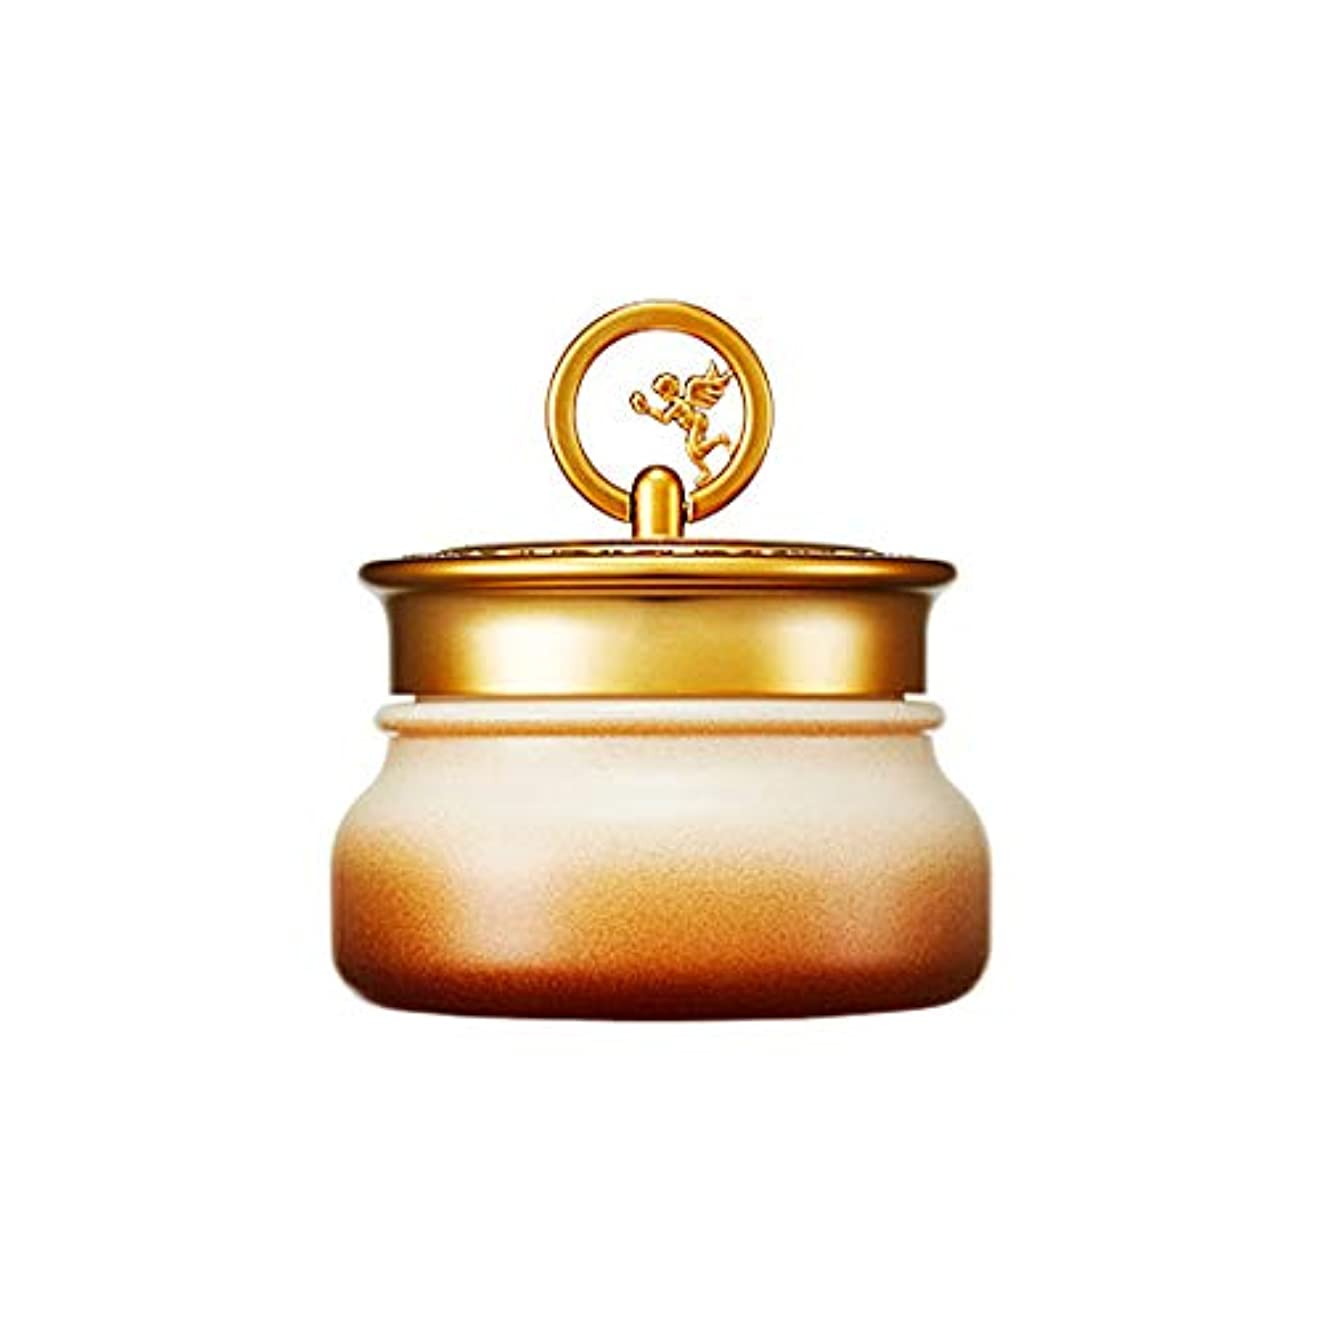 オデュッセウス離れた環境に優しいSkinfood ゴールドキャビアクリーム(しわケア) / Gold Caviar Cream (wrinkle care) 45g [並行輸入品]